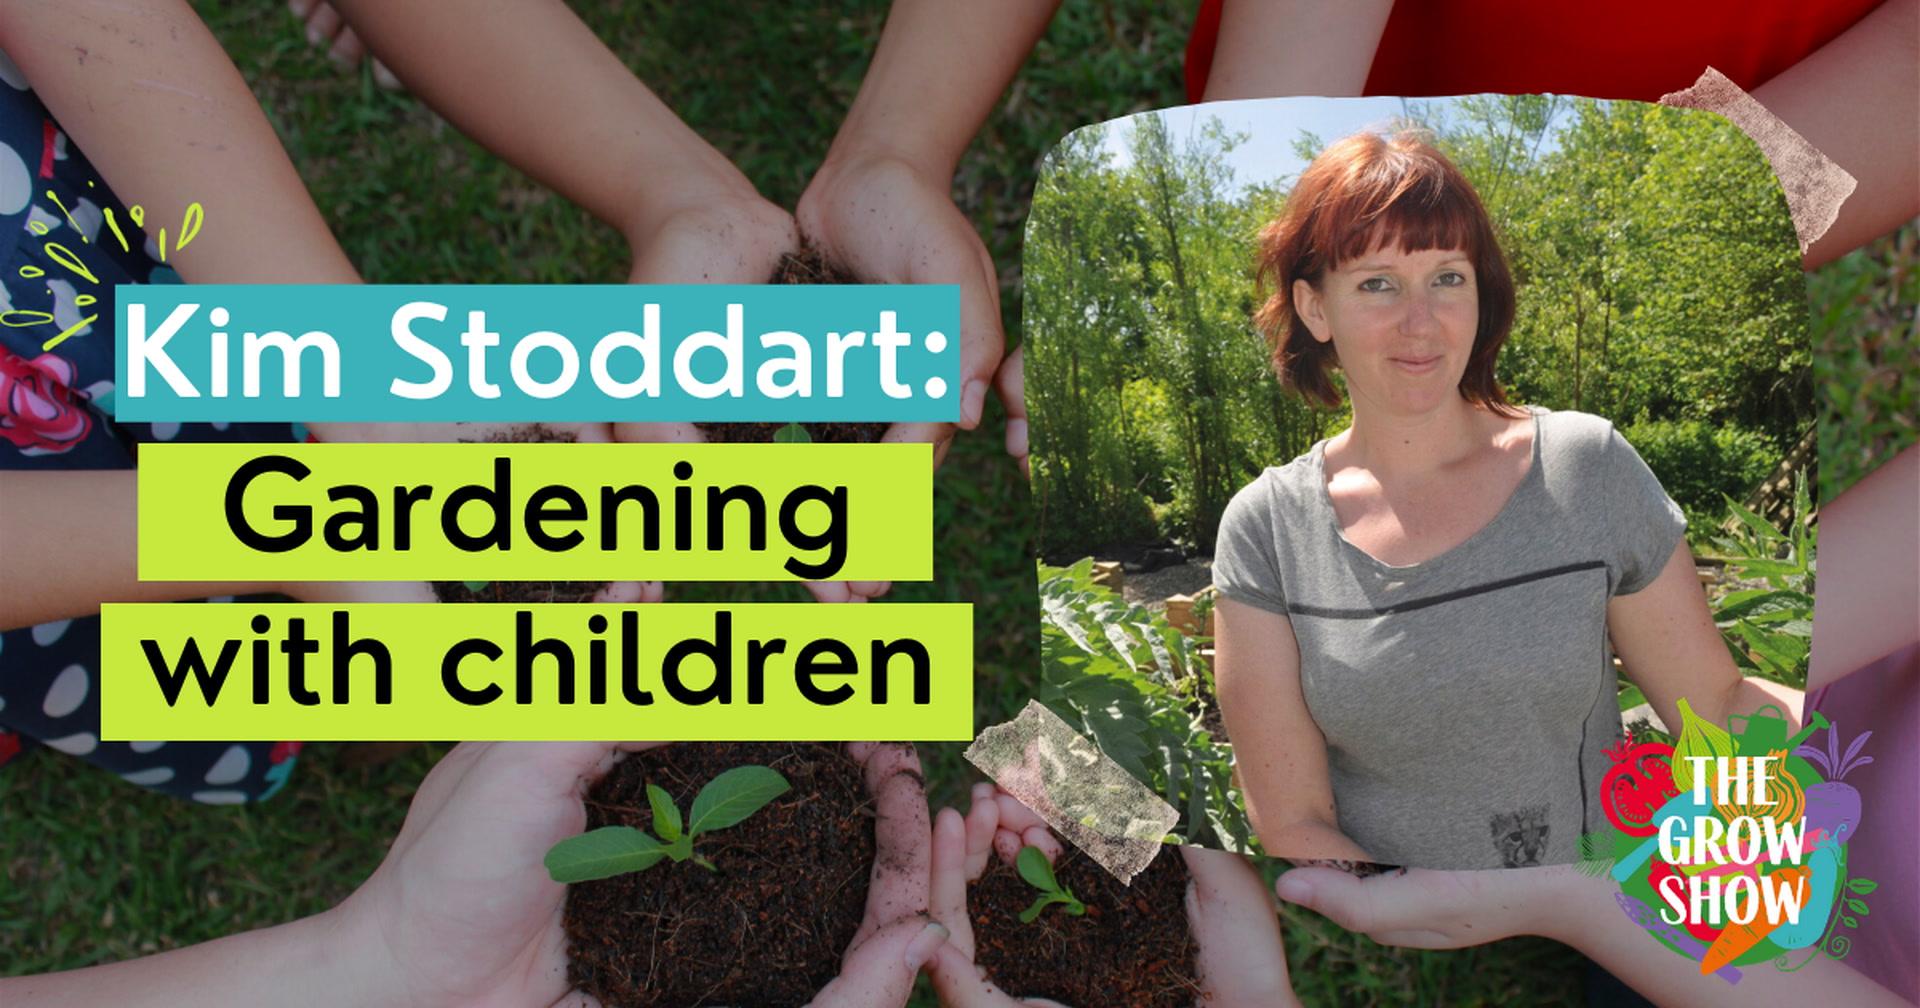 Kim Stoddart: Gardening with children